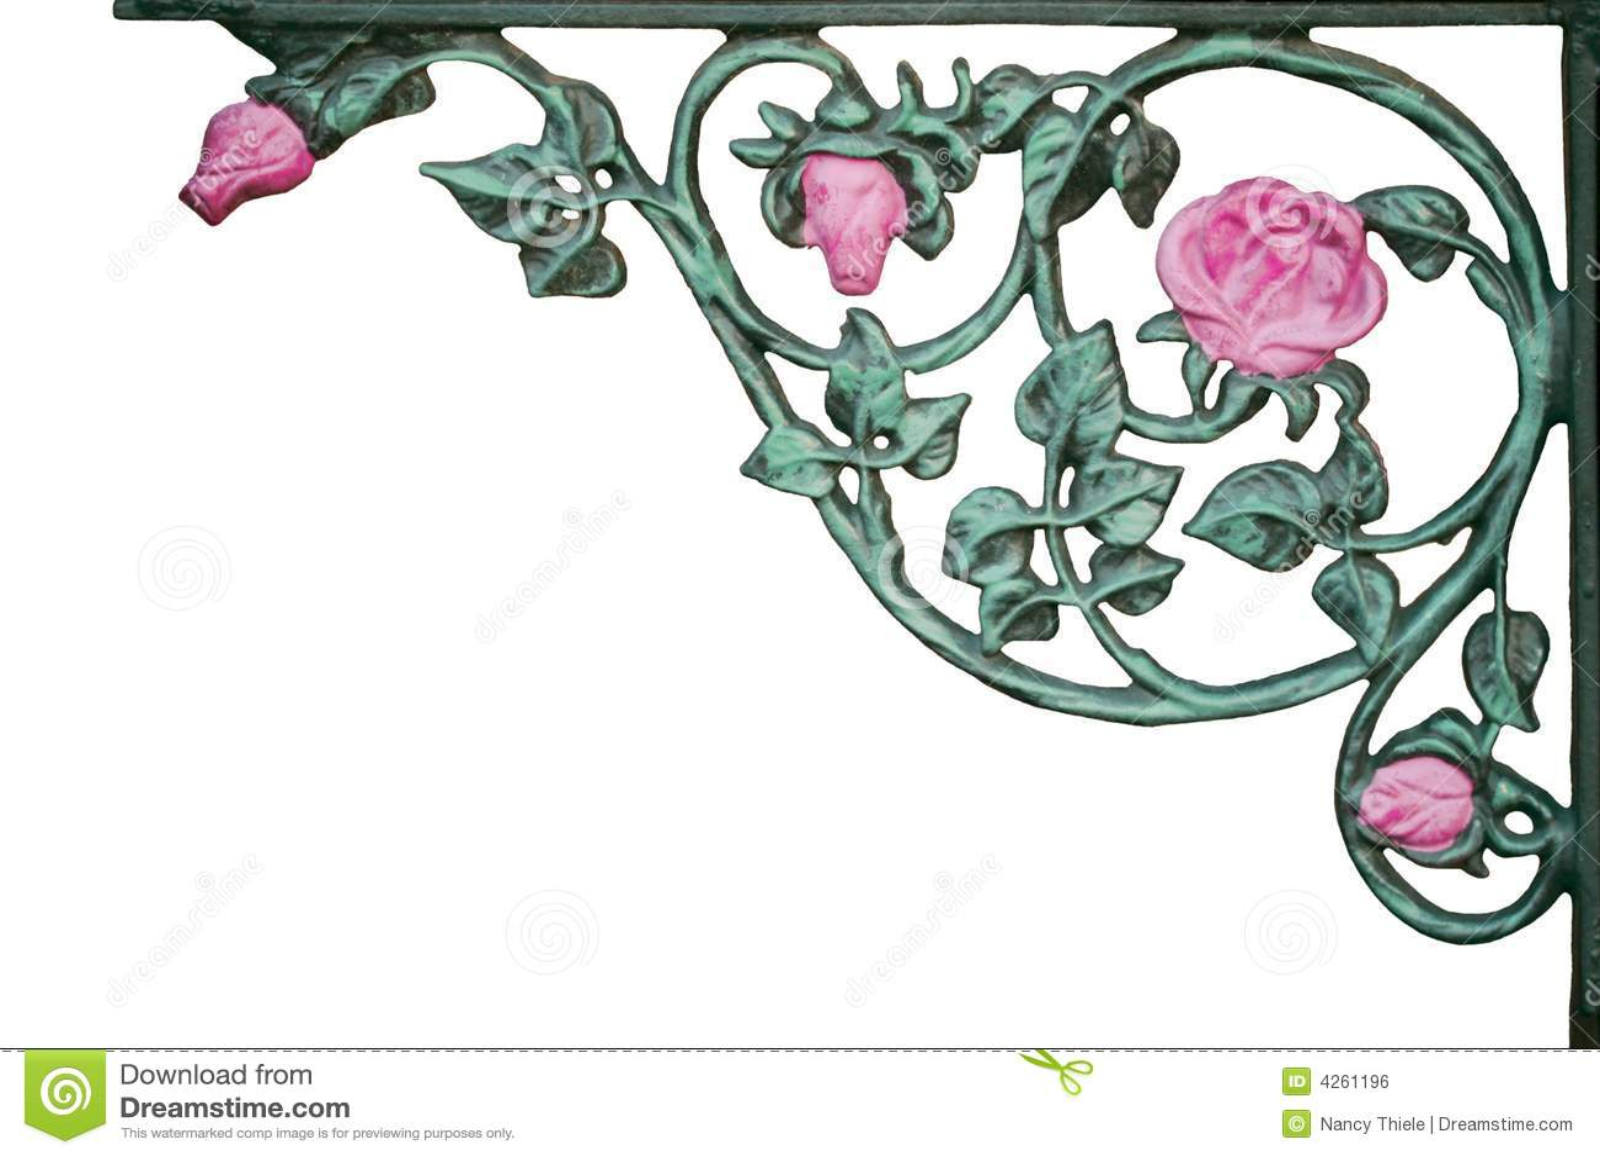 加工托架铁老粉红色玫瑰色的藤